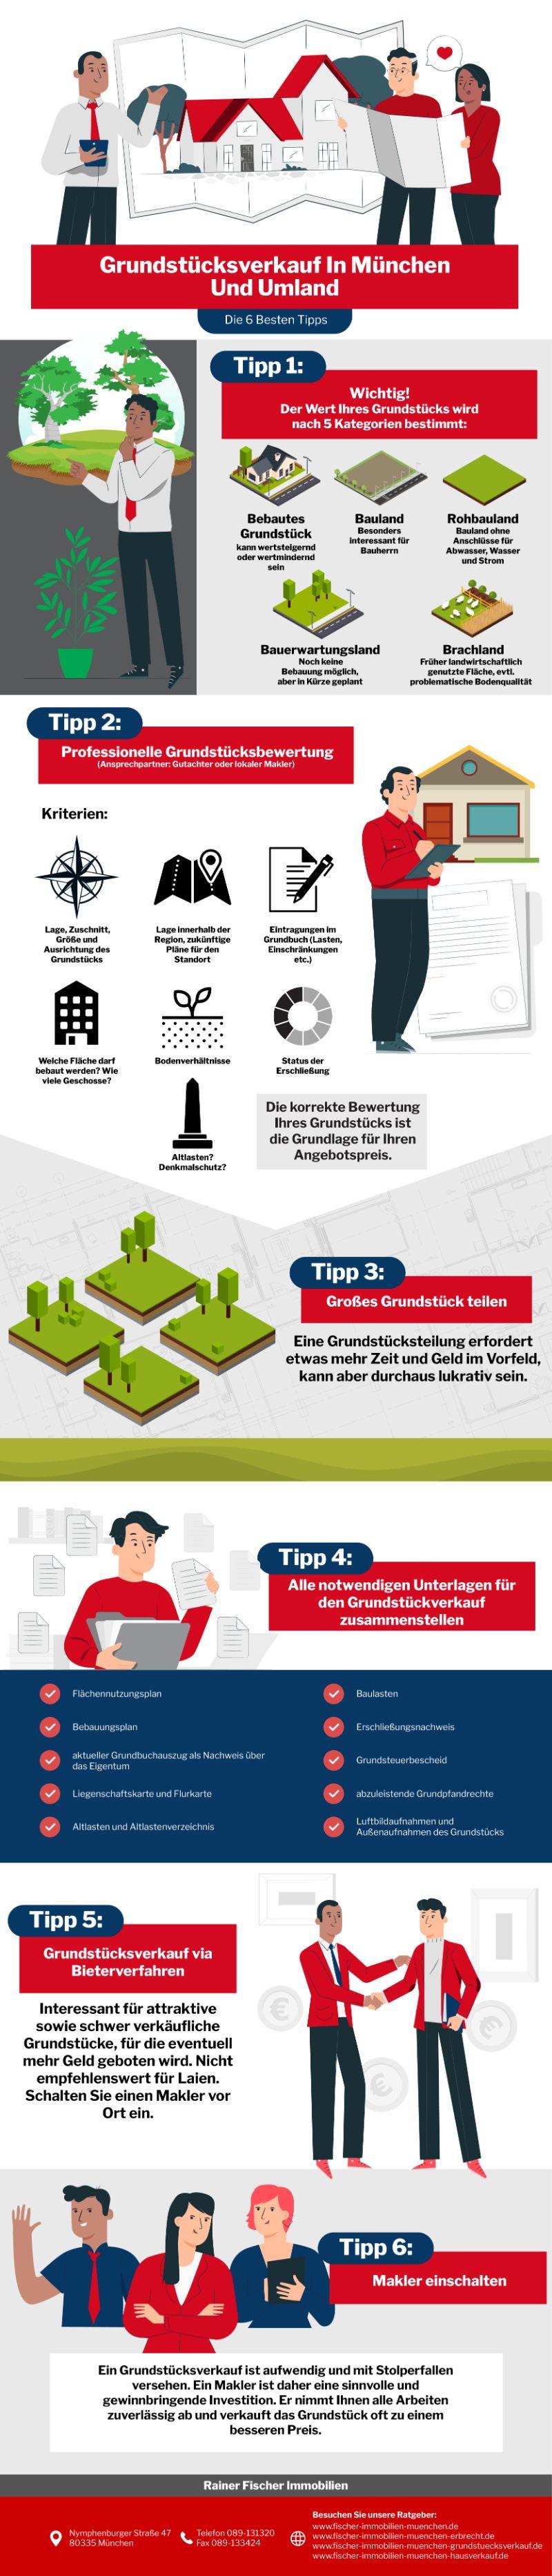 Infografik Grundstücksverkauf In München Und Umland: Die 6 Besten Tipps